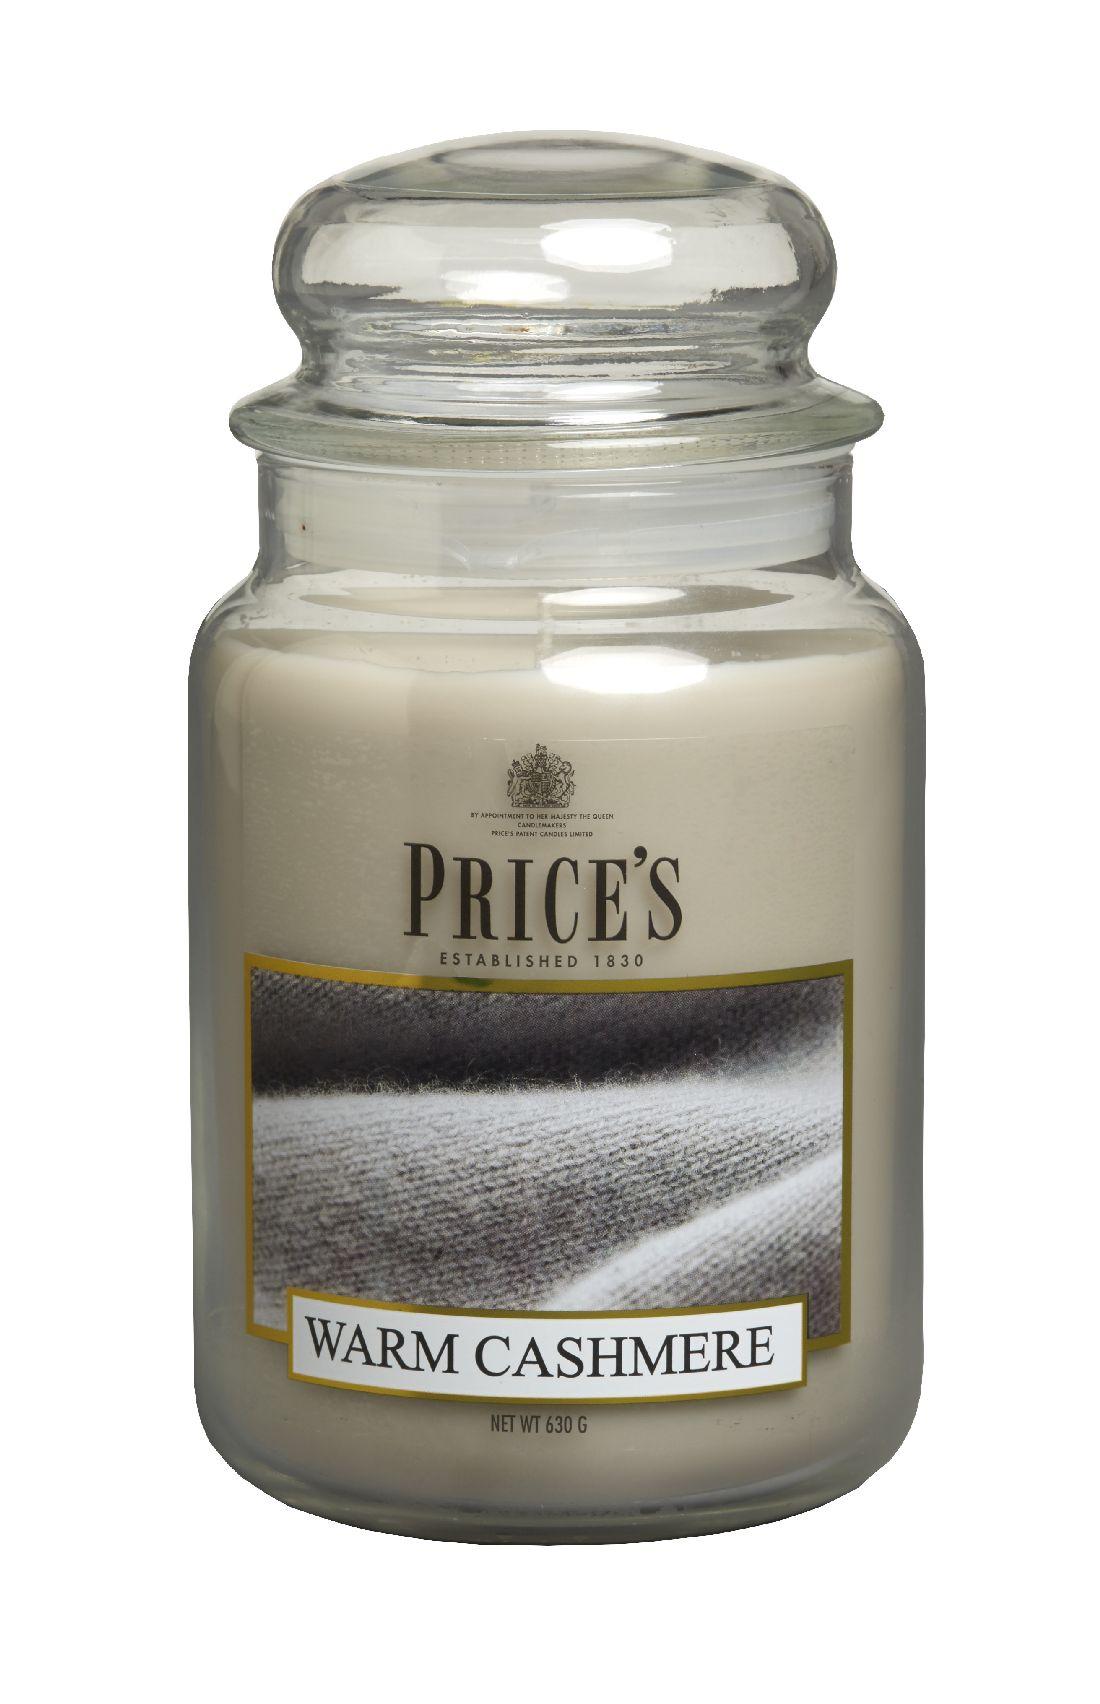 Duftkerze Price´s Candles WARM CASHMERE im Glas Brenndauer: 110-150 h